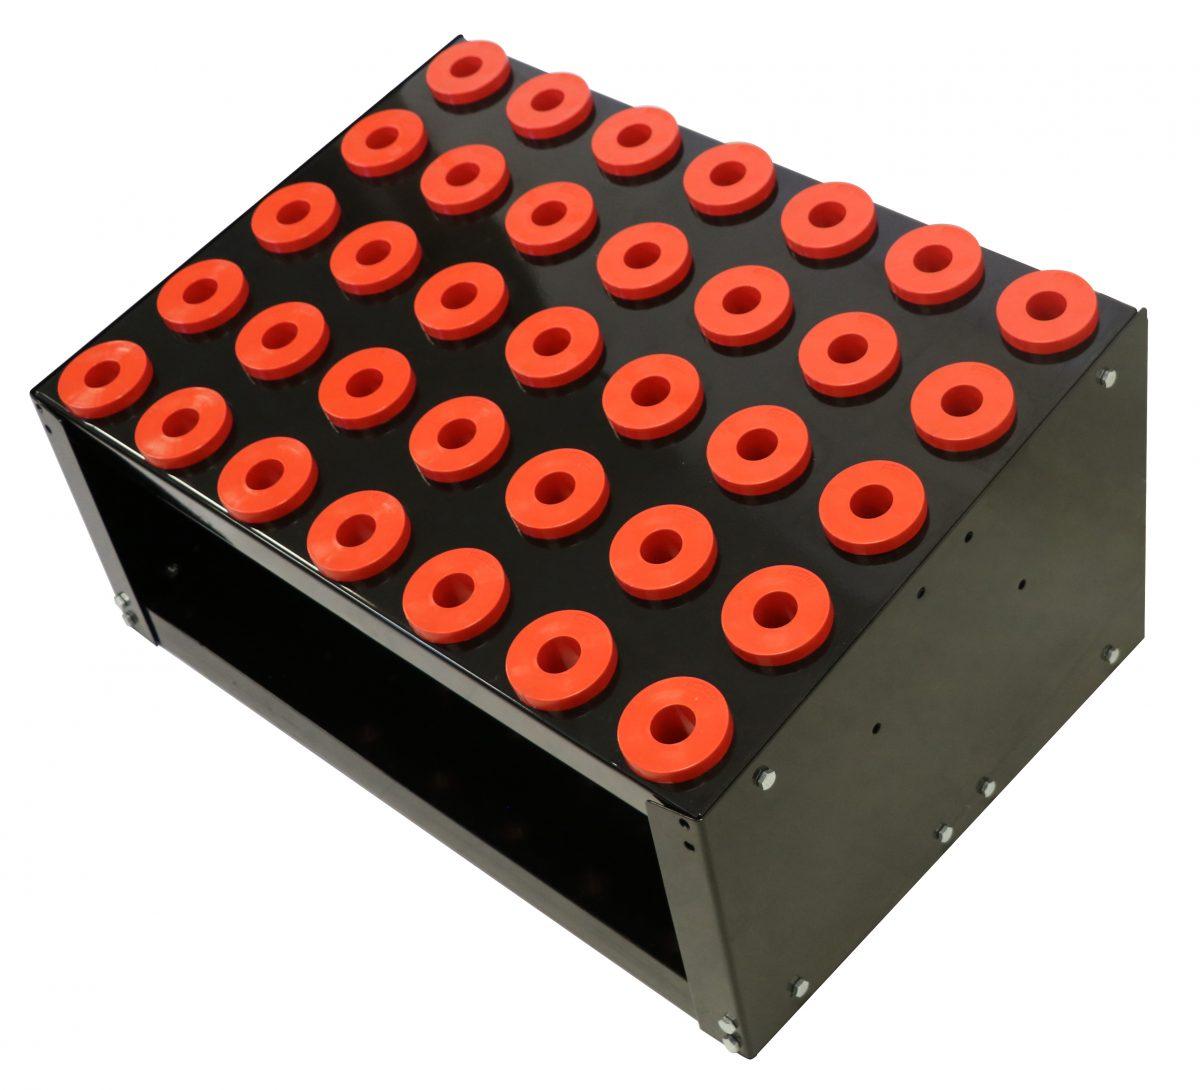 https://laksicarts.com/wp-content/uploads/2019/05/UTT-217-HSK-63-Bench-Model-35-Holders-capacity-1-1200x1090.jpg